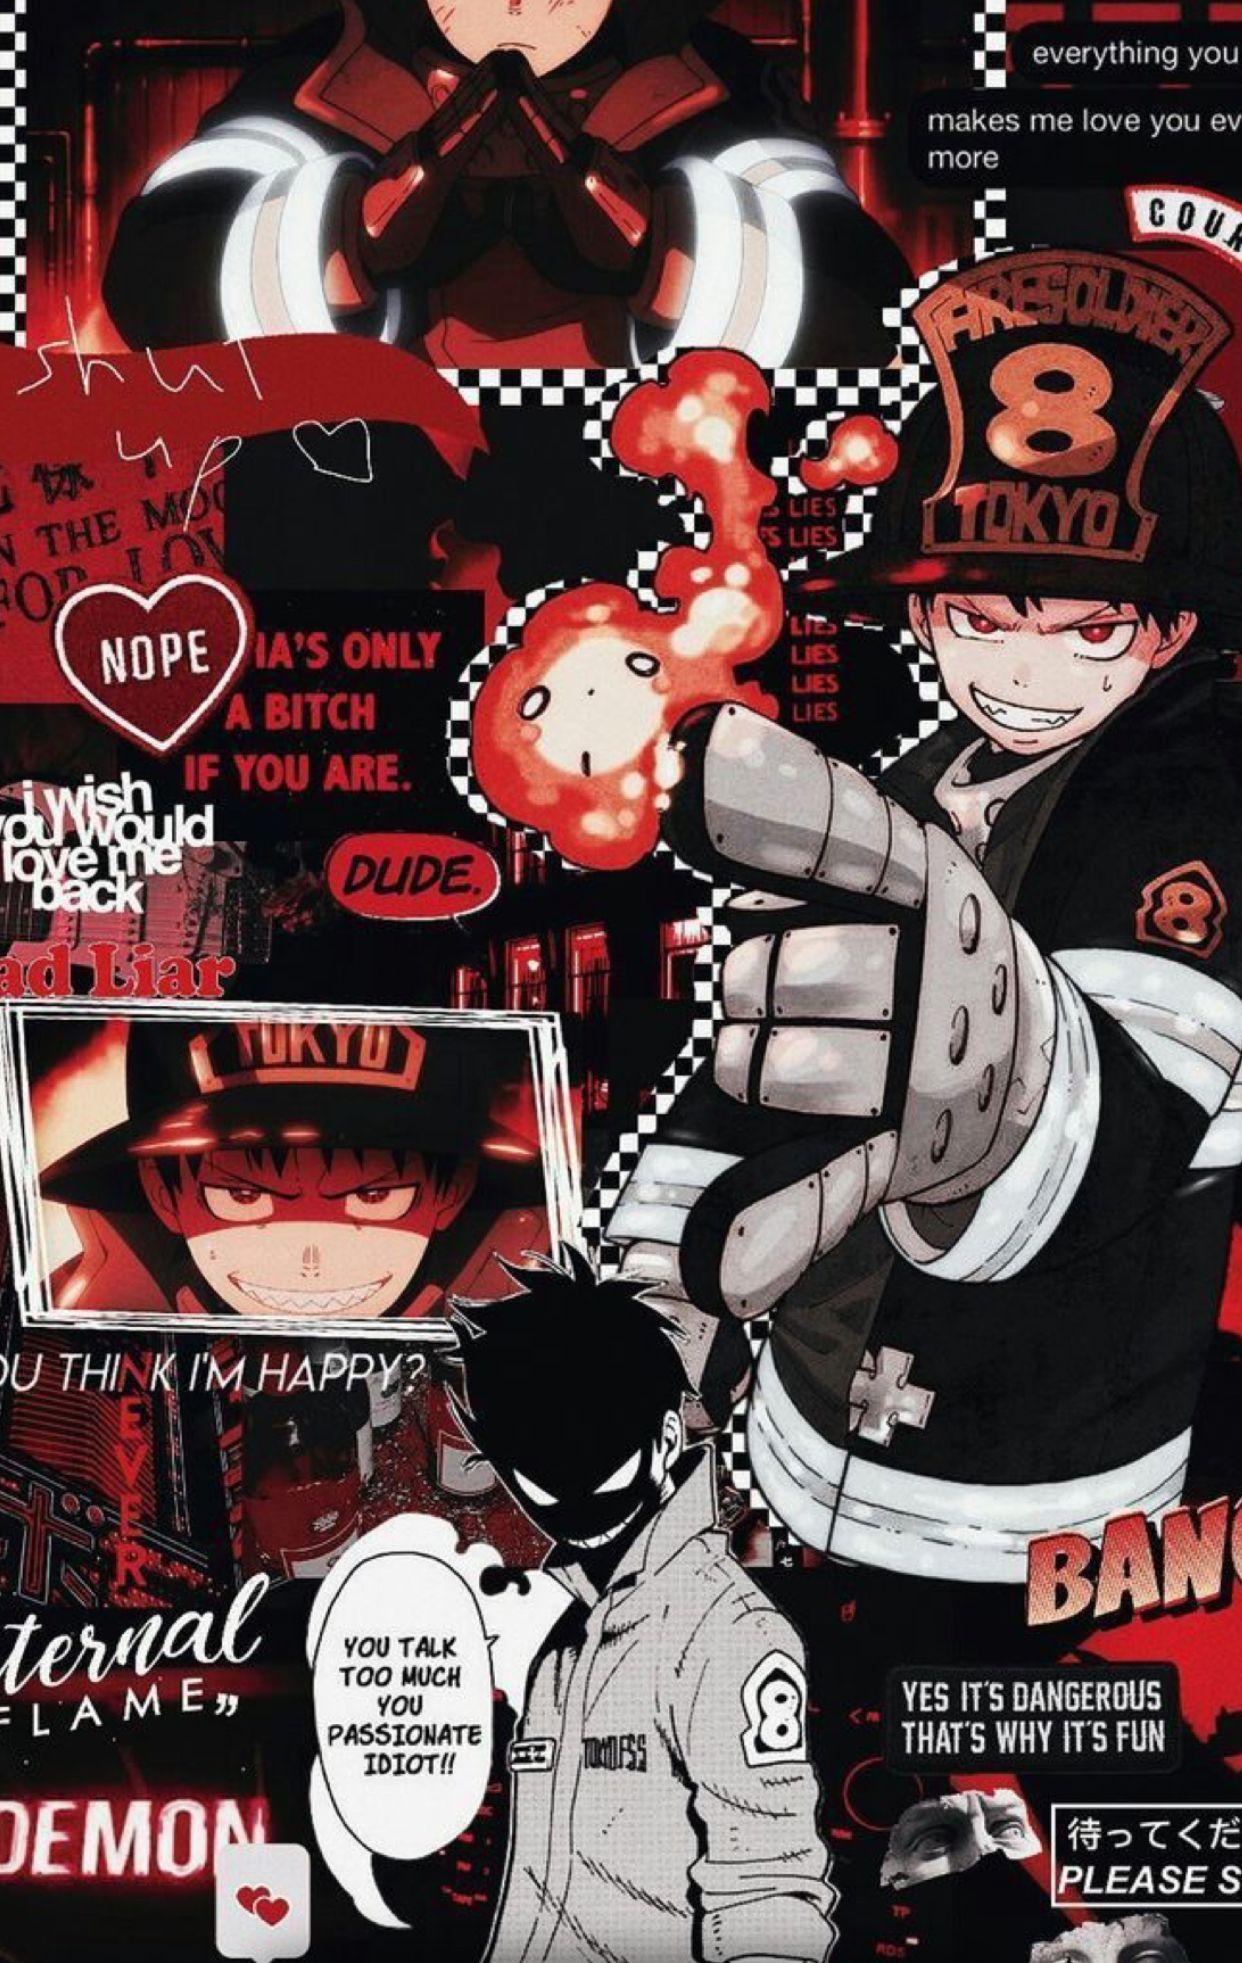 Pin By Svetlana Yudaeva On Anime Oboi In 2020 Anime Wallpaper Iphone Cute Anime Wallpaper Anime Wallpaper